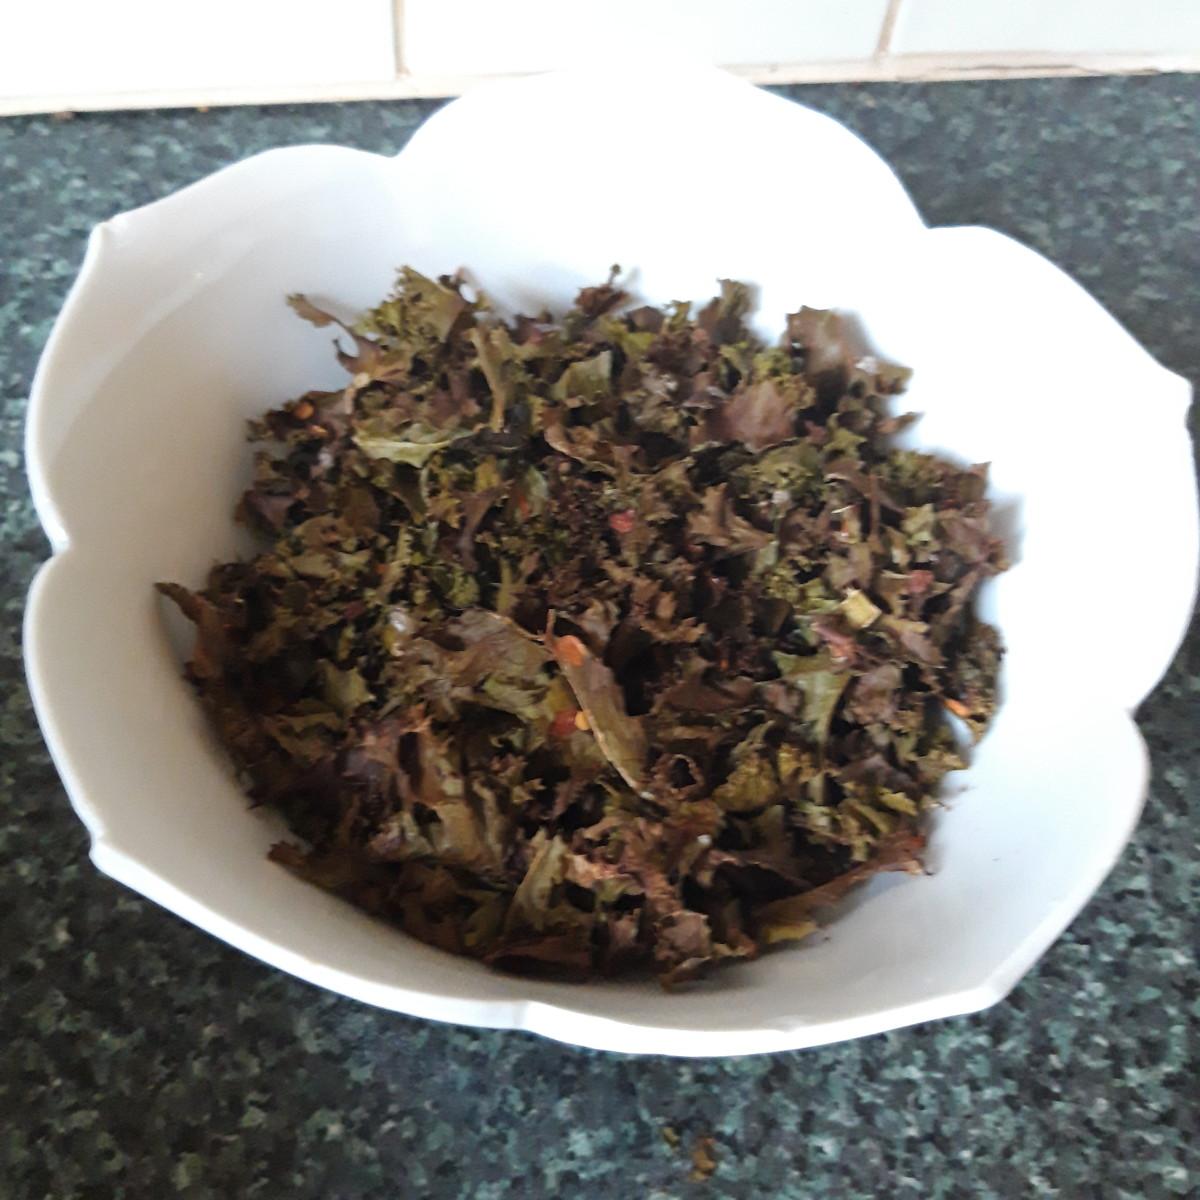 Crispy kale, ready to serve!